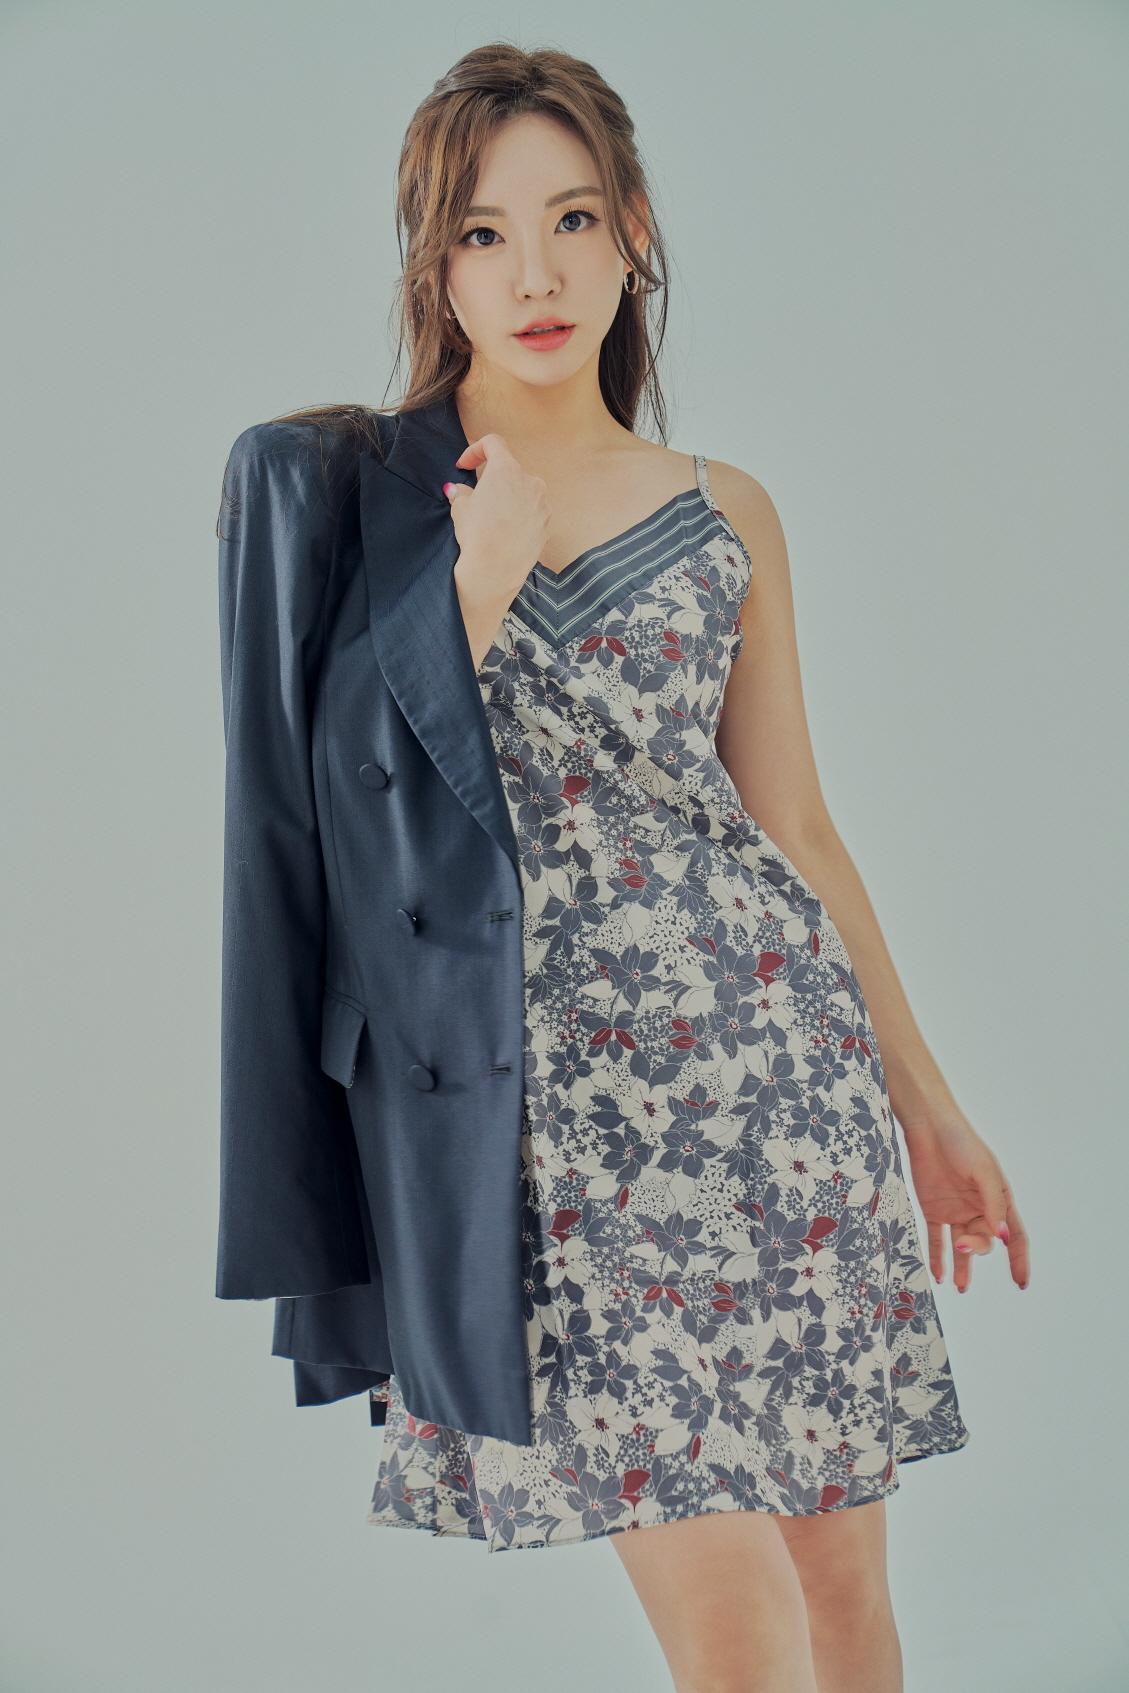 스타인티비 전속 쇼핑테이너 김사랑